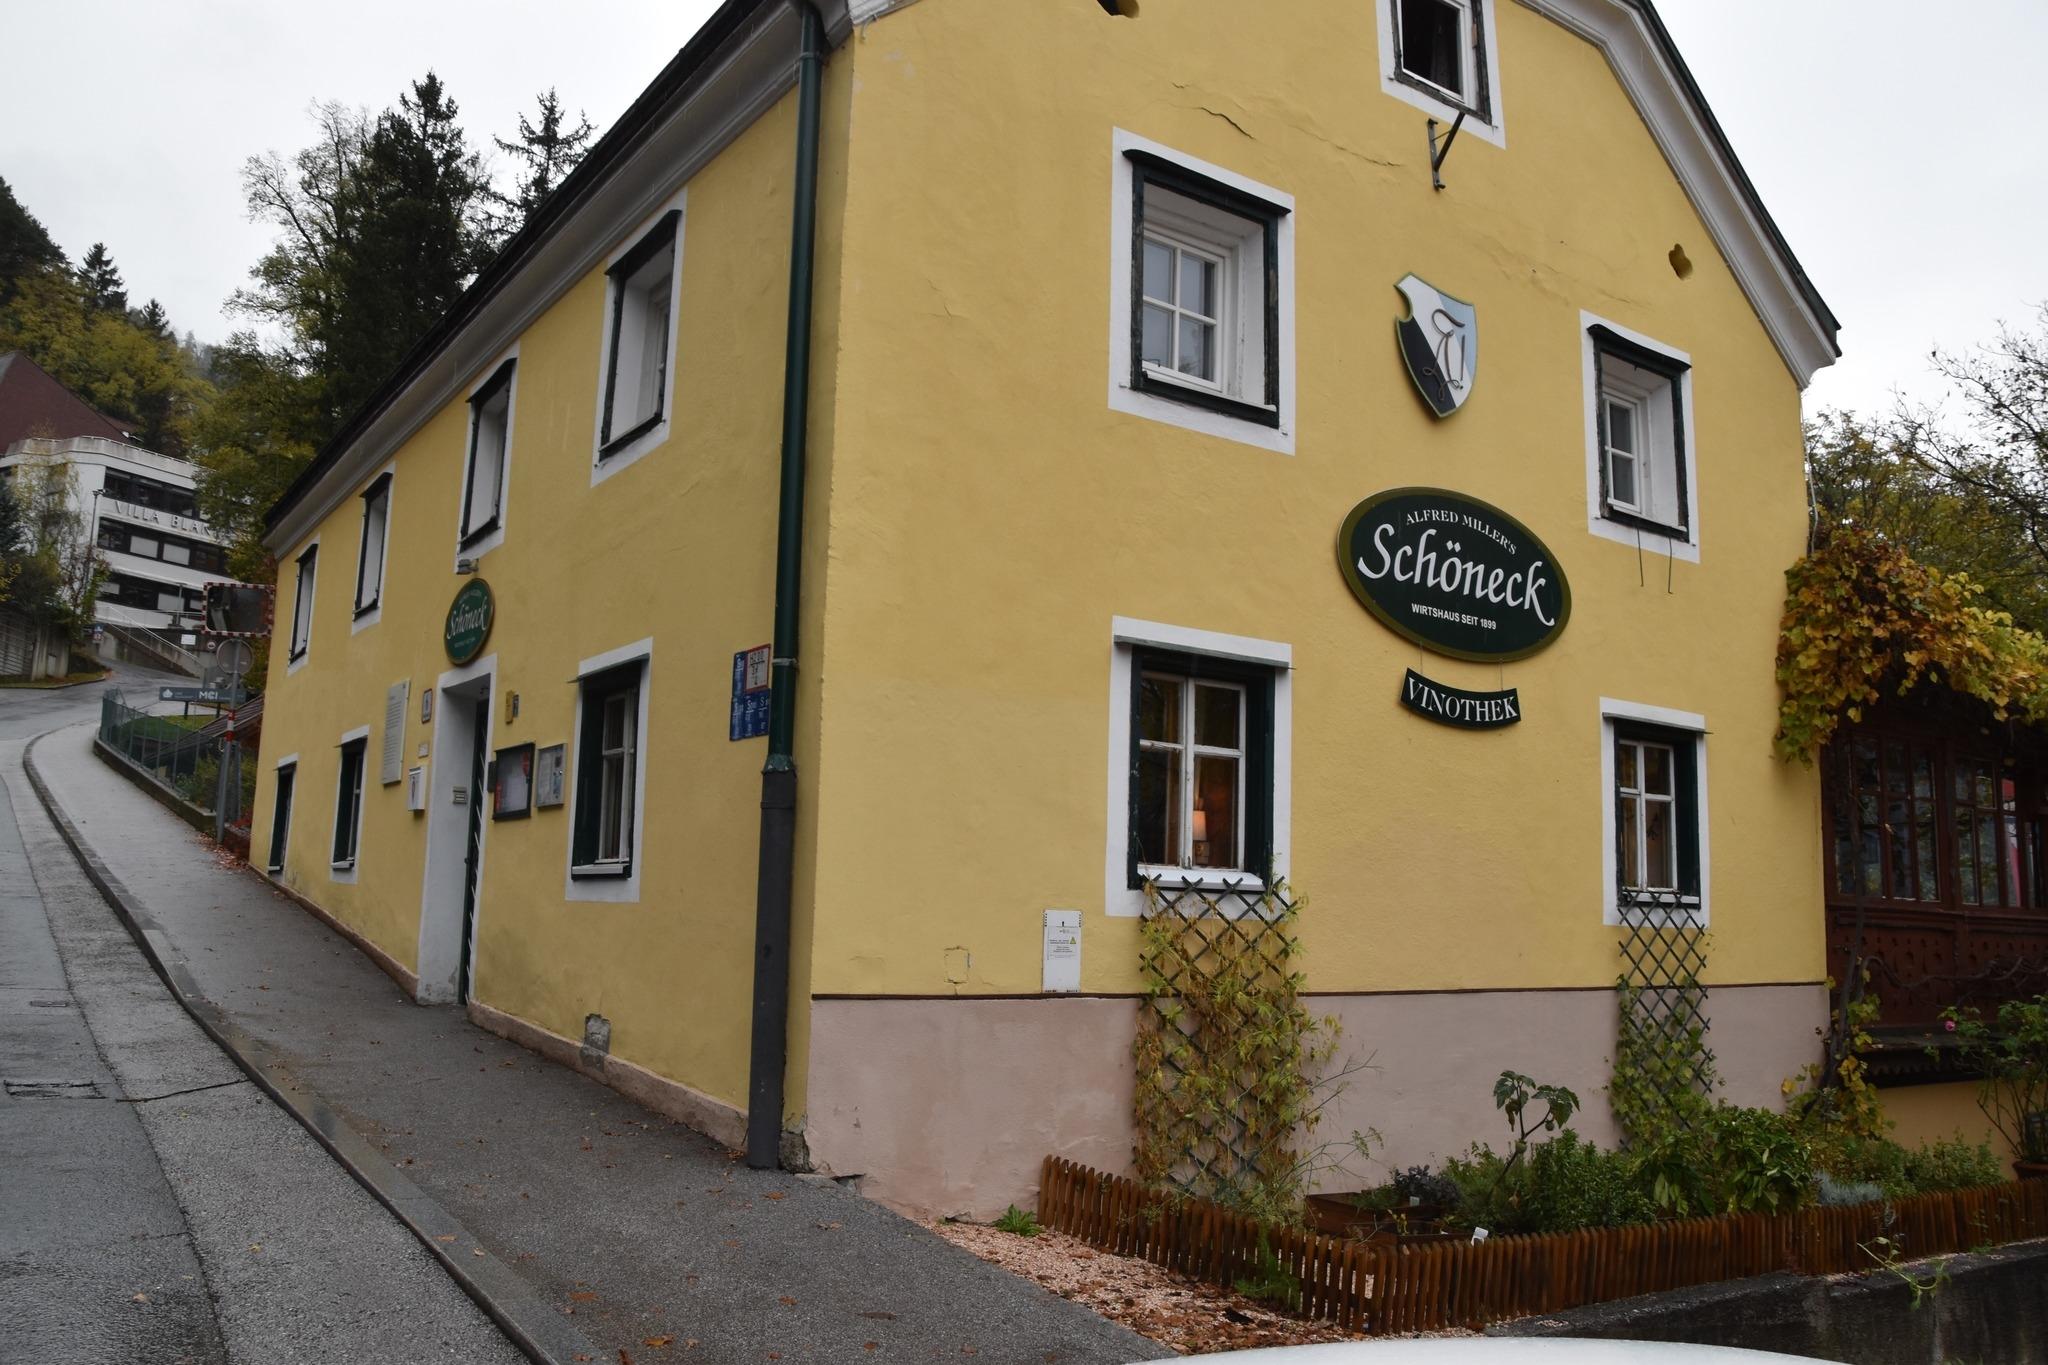 النمسا انسبروك افضل اماكن التسوق والمطاعم مطعم شونيك ان